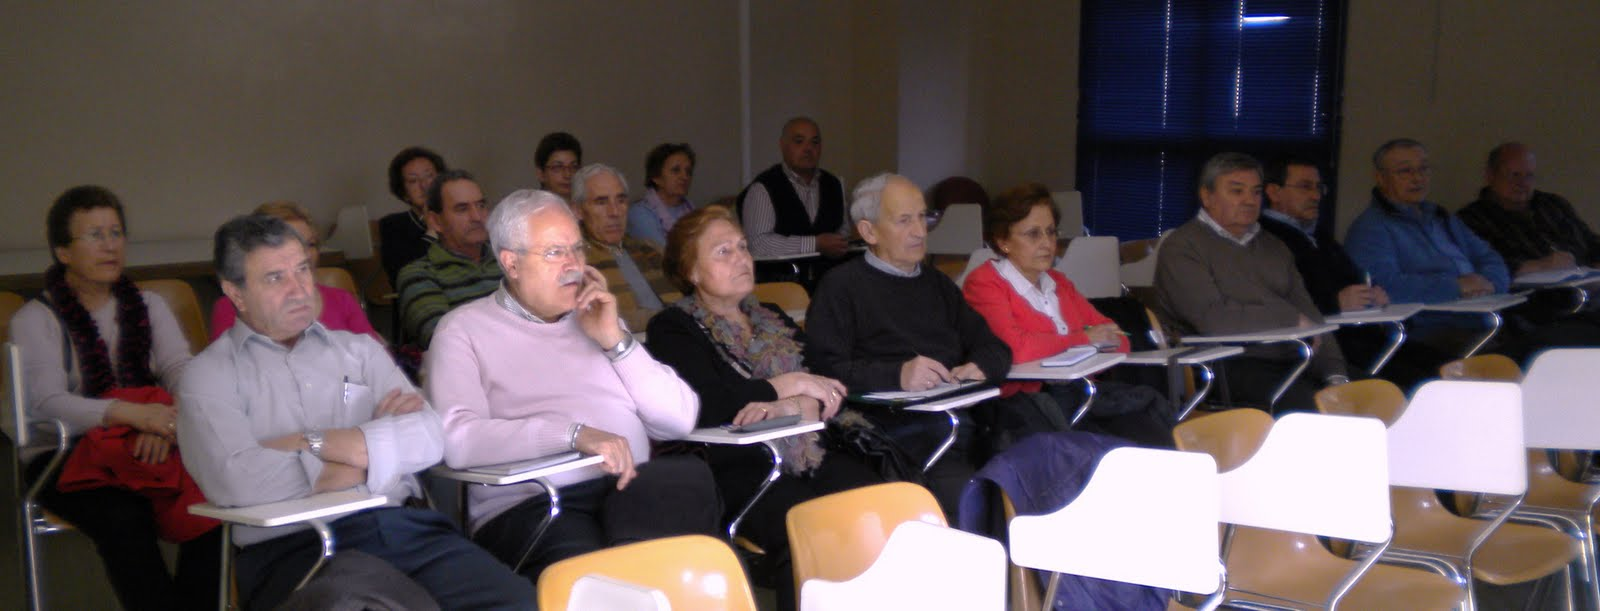 valladolid reunión de personas mayores